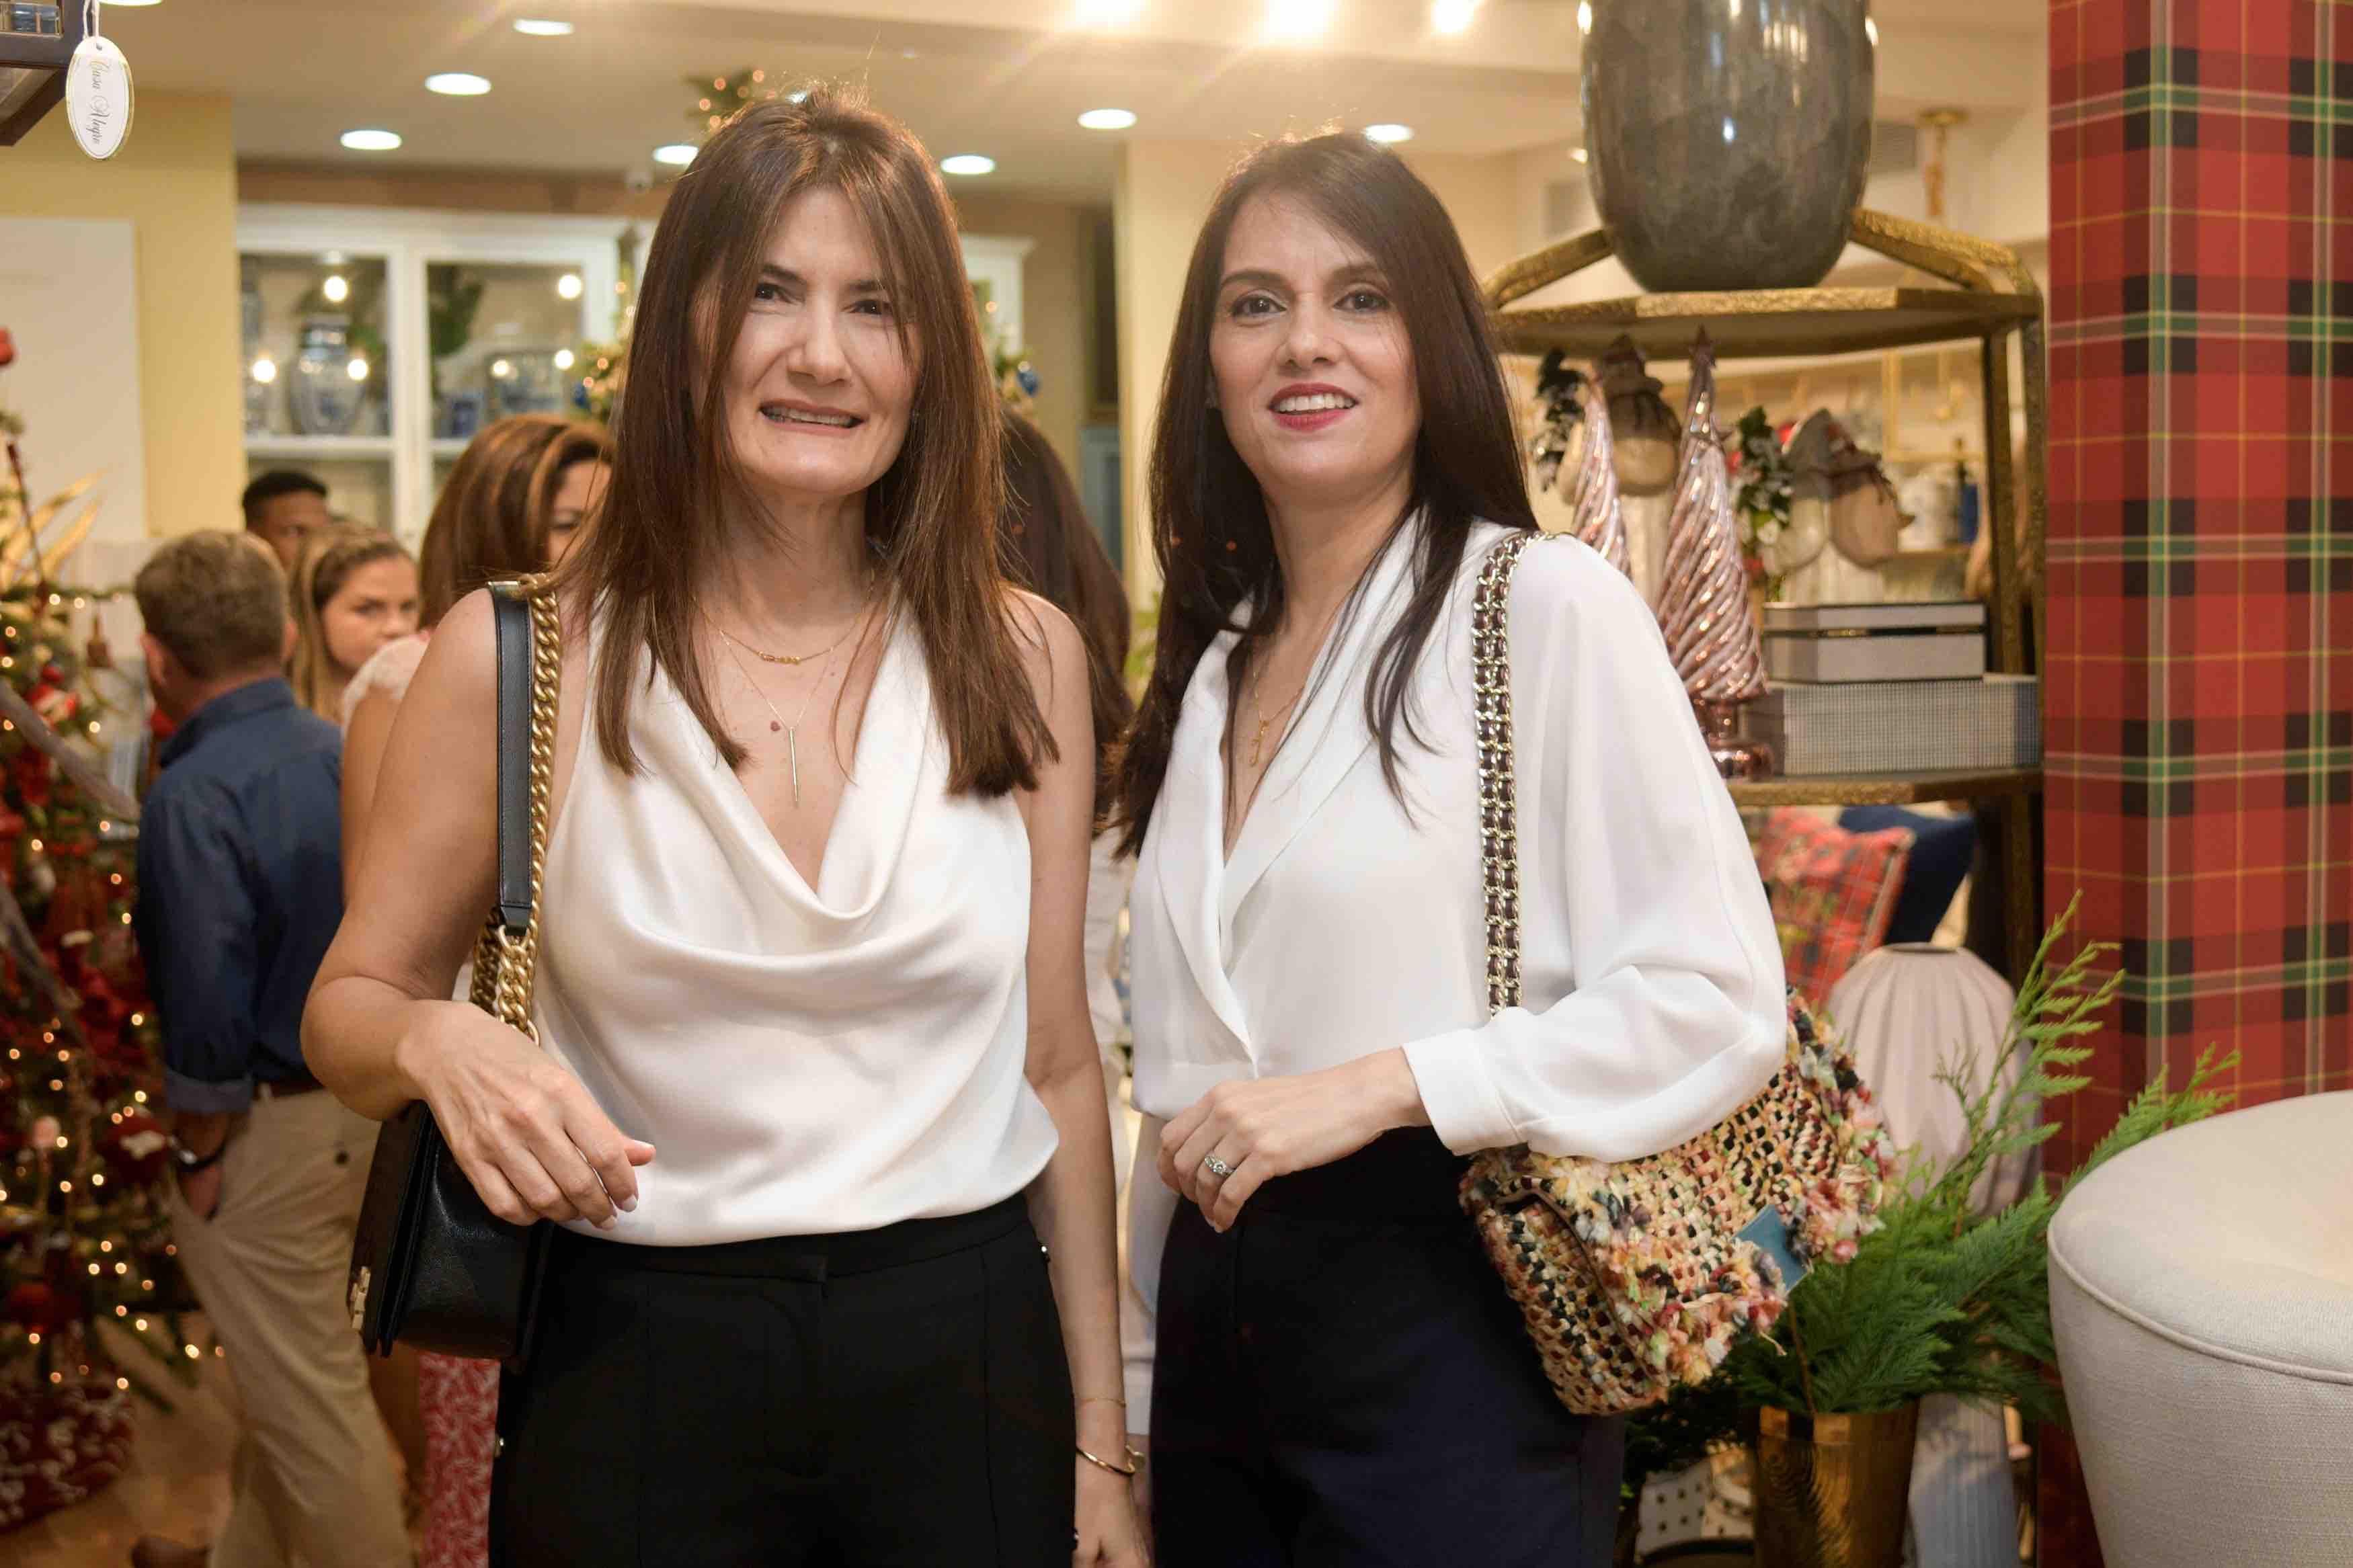 8. Zoila Raful De Victoria & Irma De Melgen